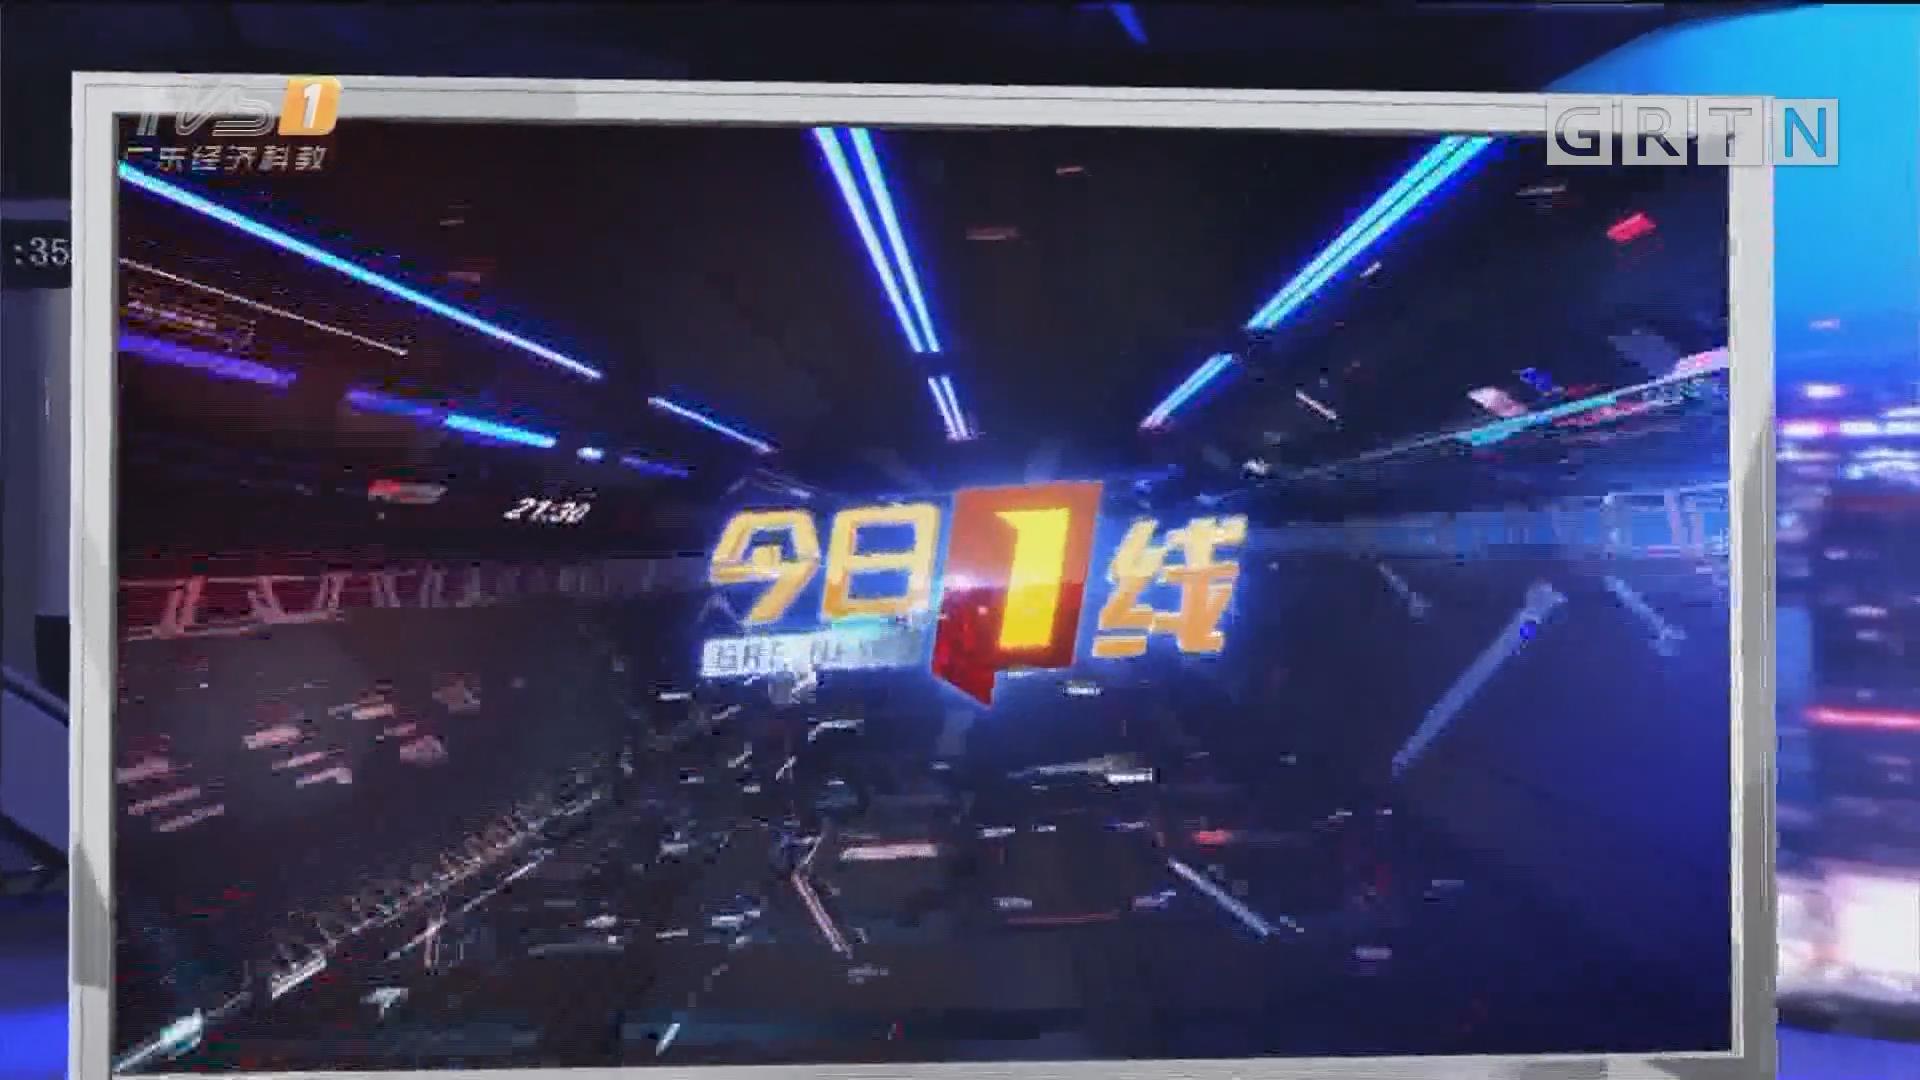 [HD][2019-09-30]今日一线:空中直击出行高峰:广州多条高速 出城方向拥堵缓行